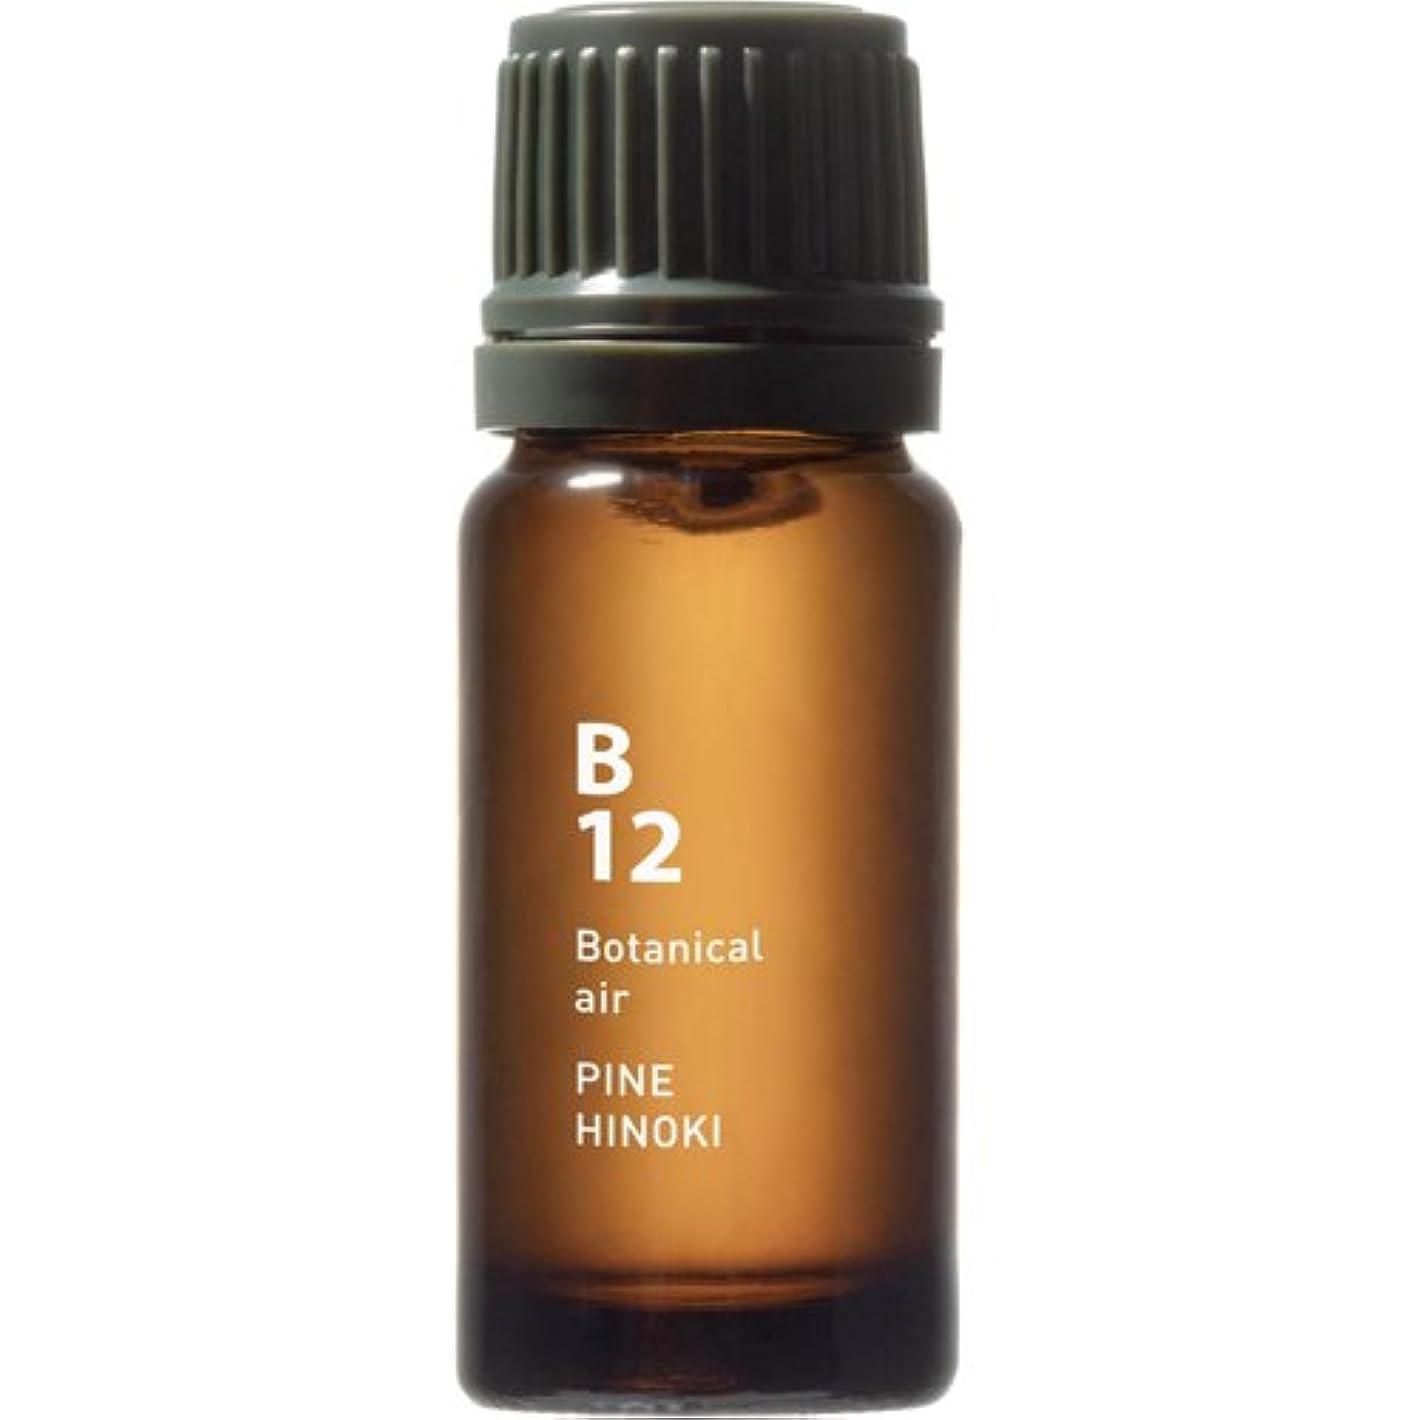 コインランドリーサミュエル声を出してB12 パインヒノキ Botanical air(ボタニカルエアー) 10ml